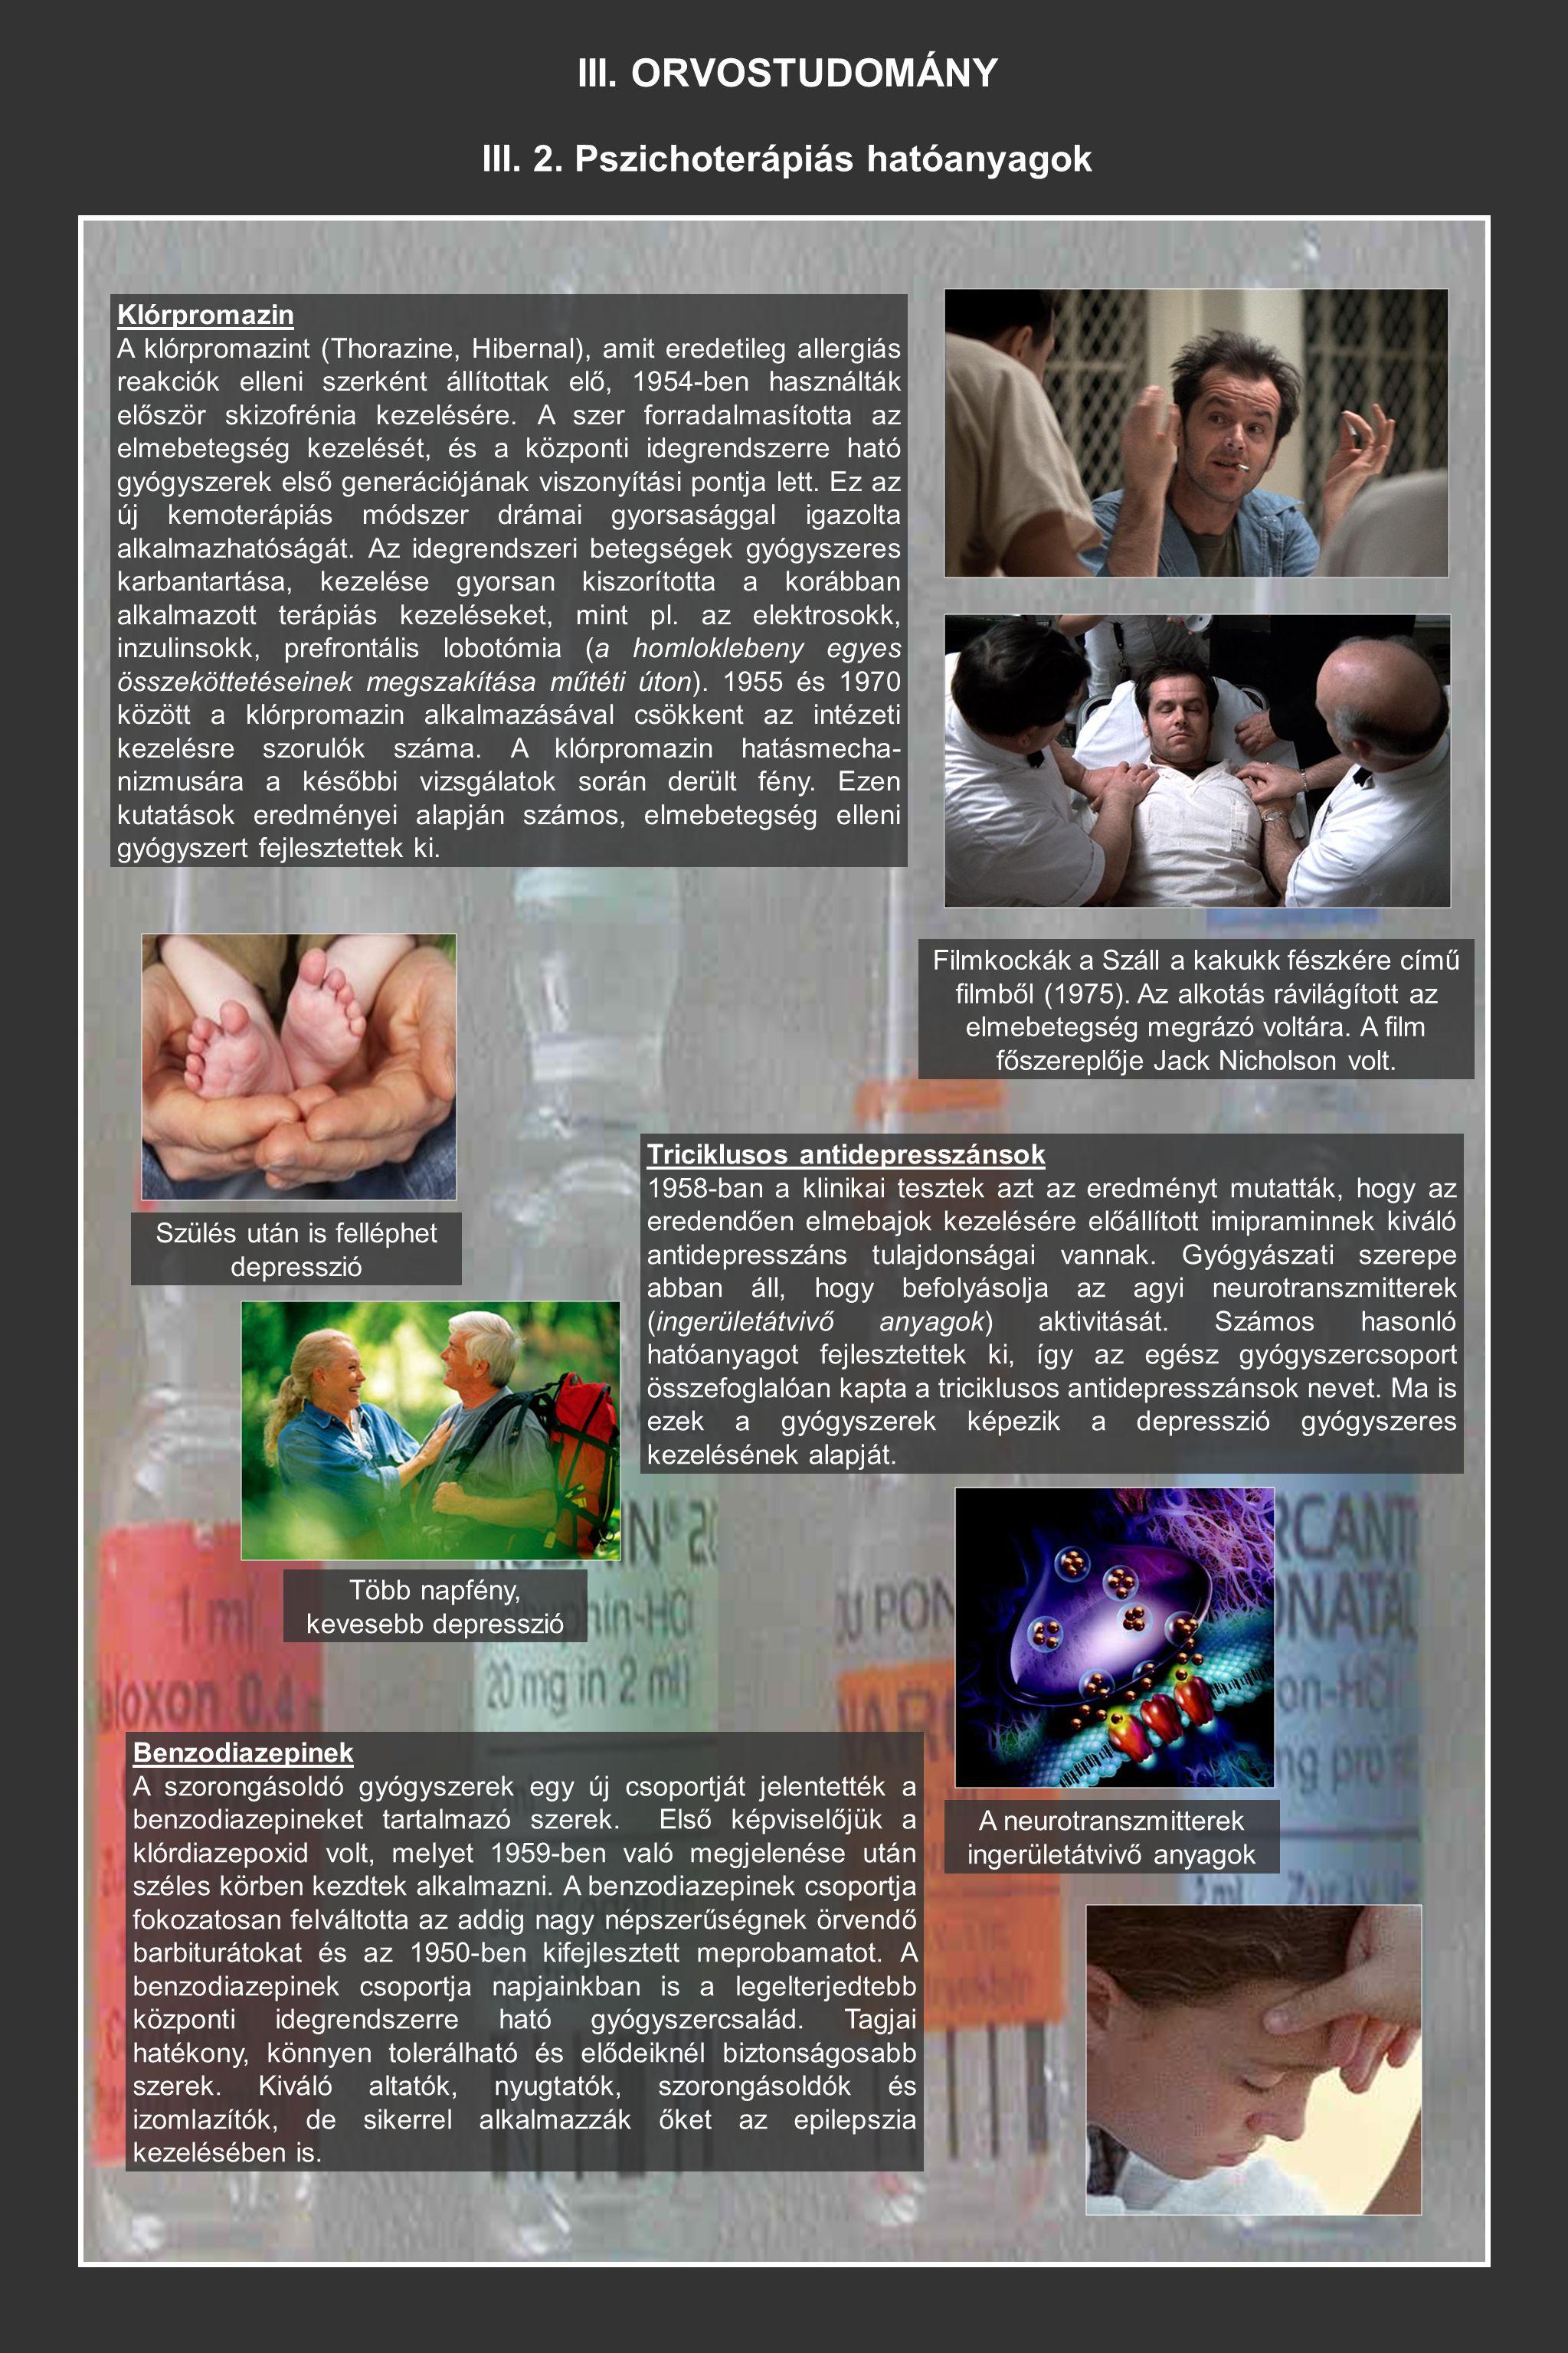 III. 2. Pszichoterápiás hatóanyagok